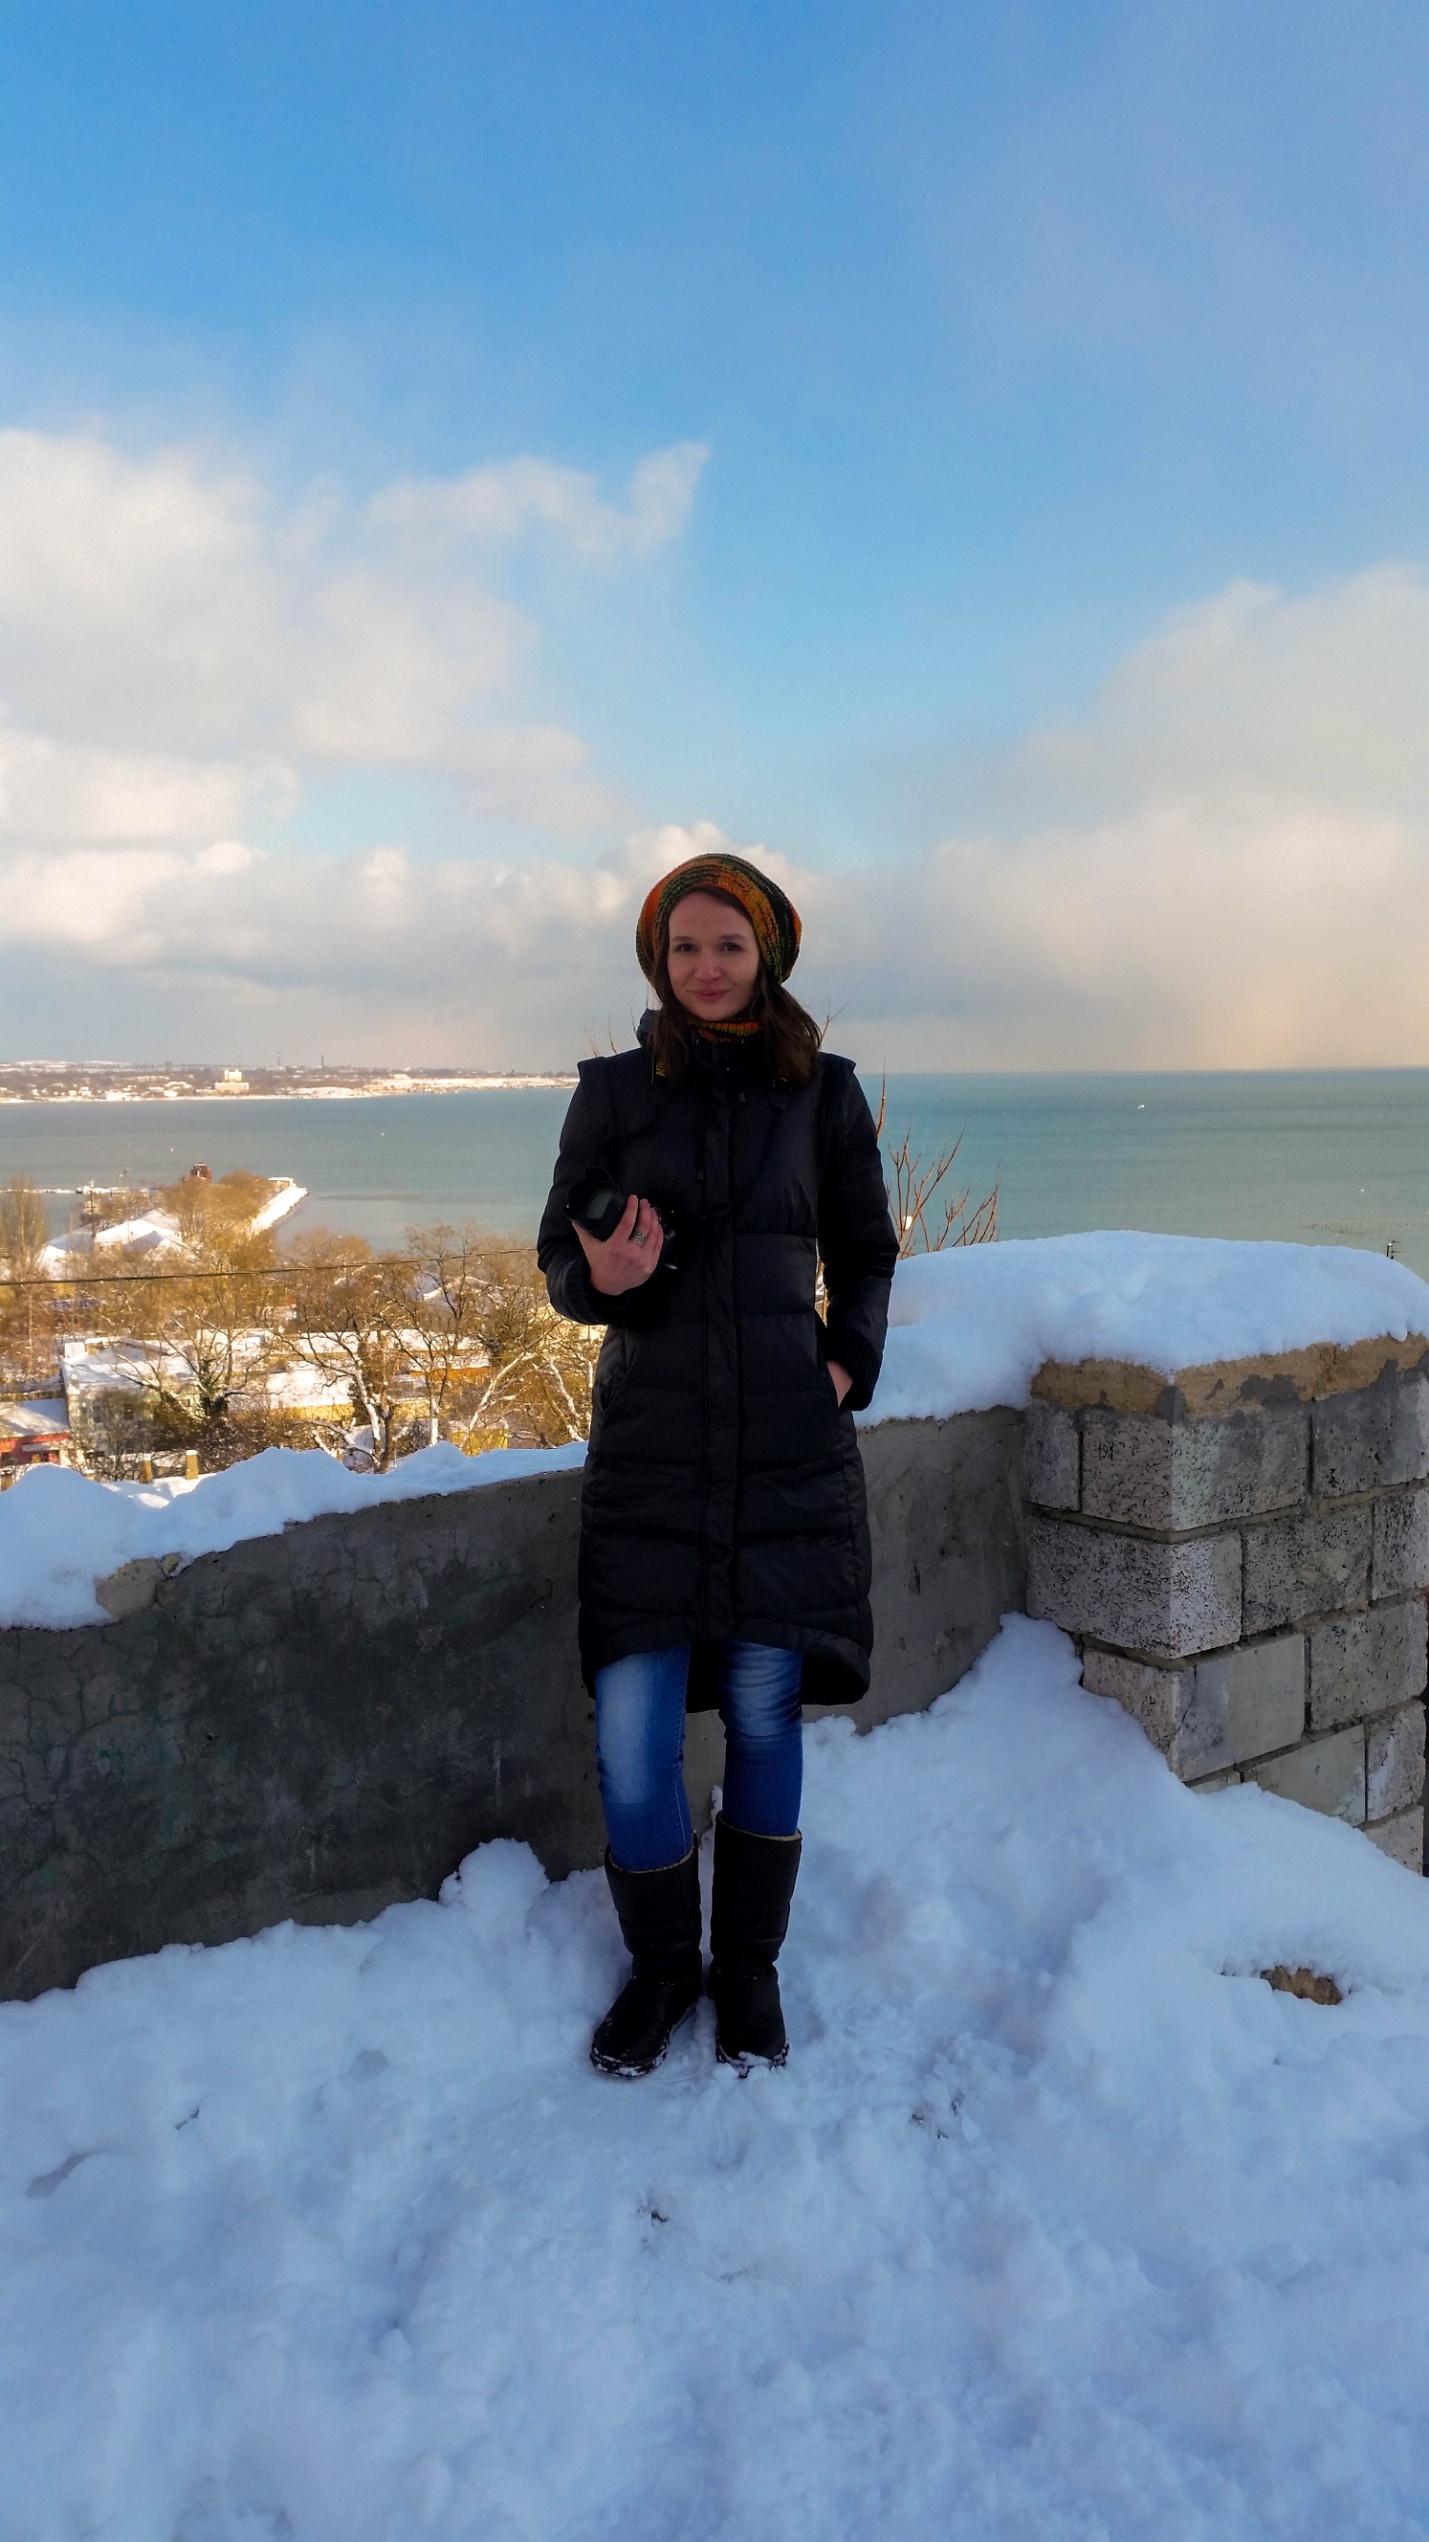 Анна зимой на горе Митридат, Керчь, Крым